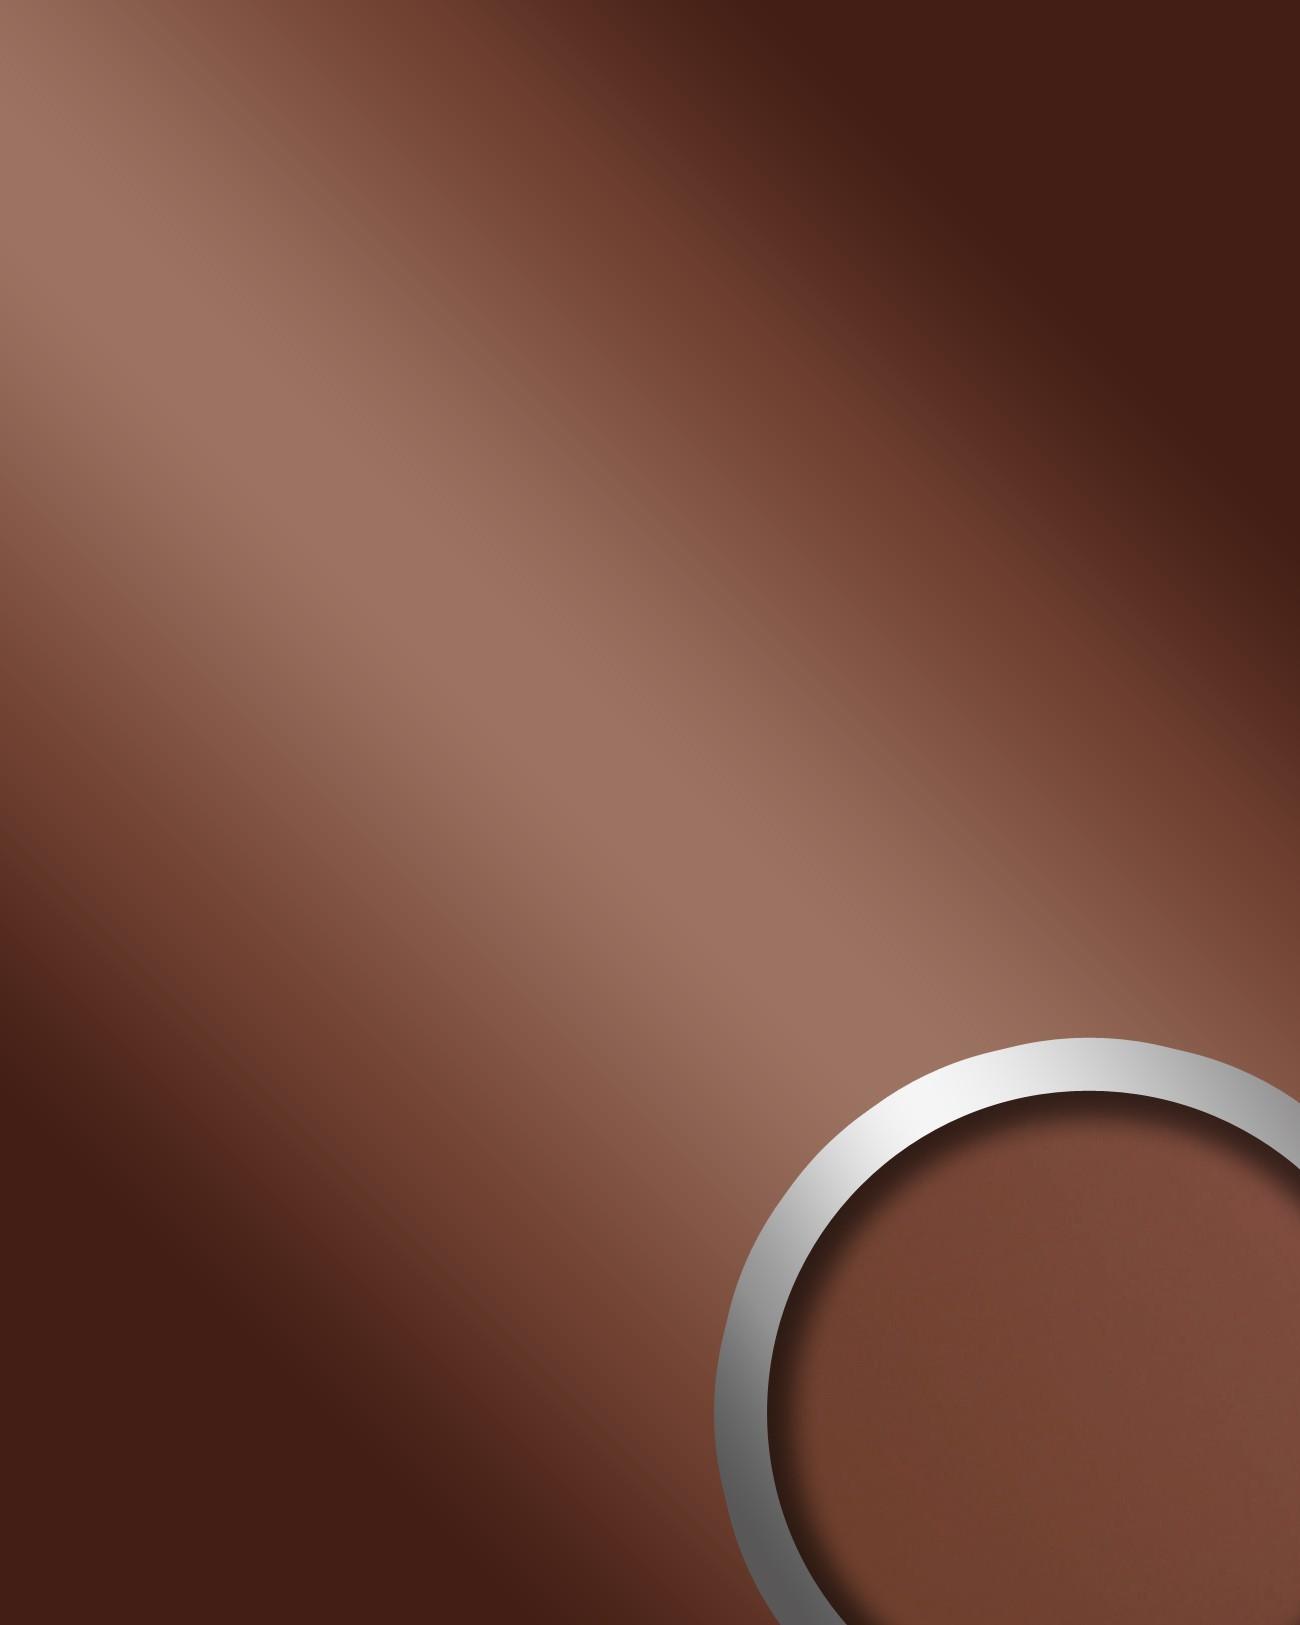 Wandpaneel spiegel decor glans optiek wallface 15275 deco bronze zelfklevend paneel slijvast - Spiegeldecoratie ...